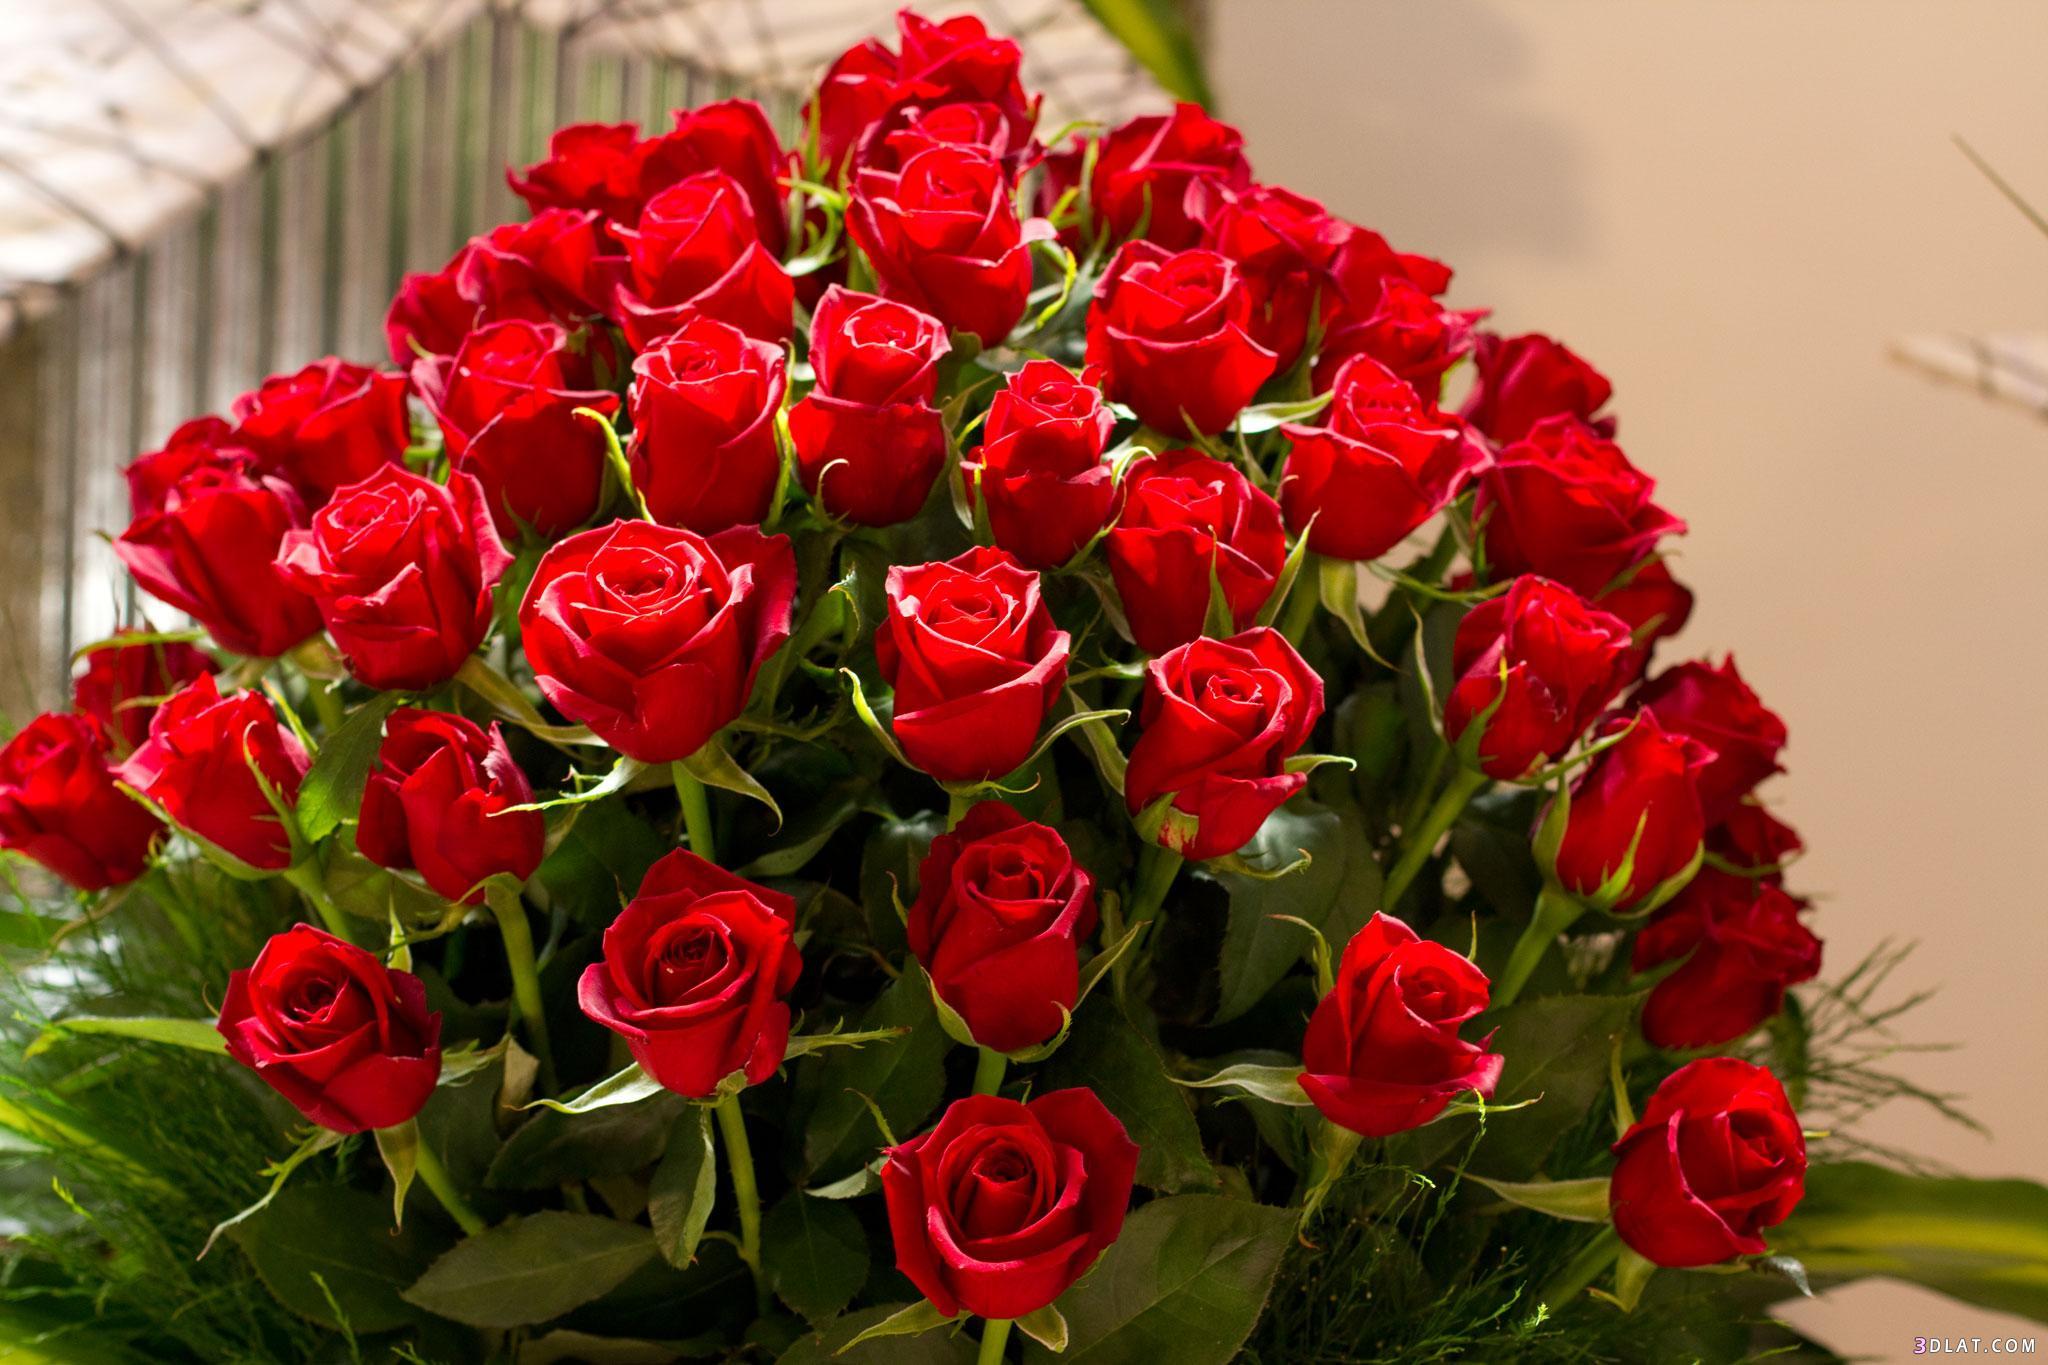 اكبر مجموعة الورد الرائعة لسطح المكتب 13661436401.jpg